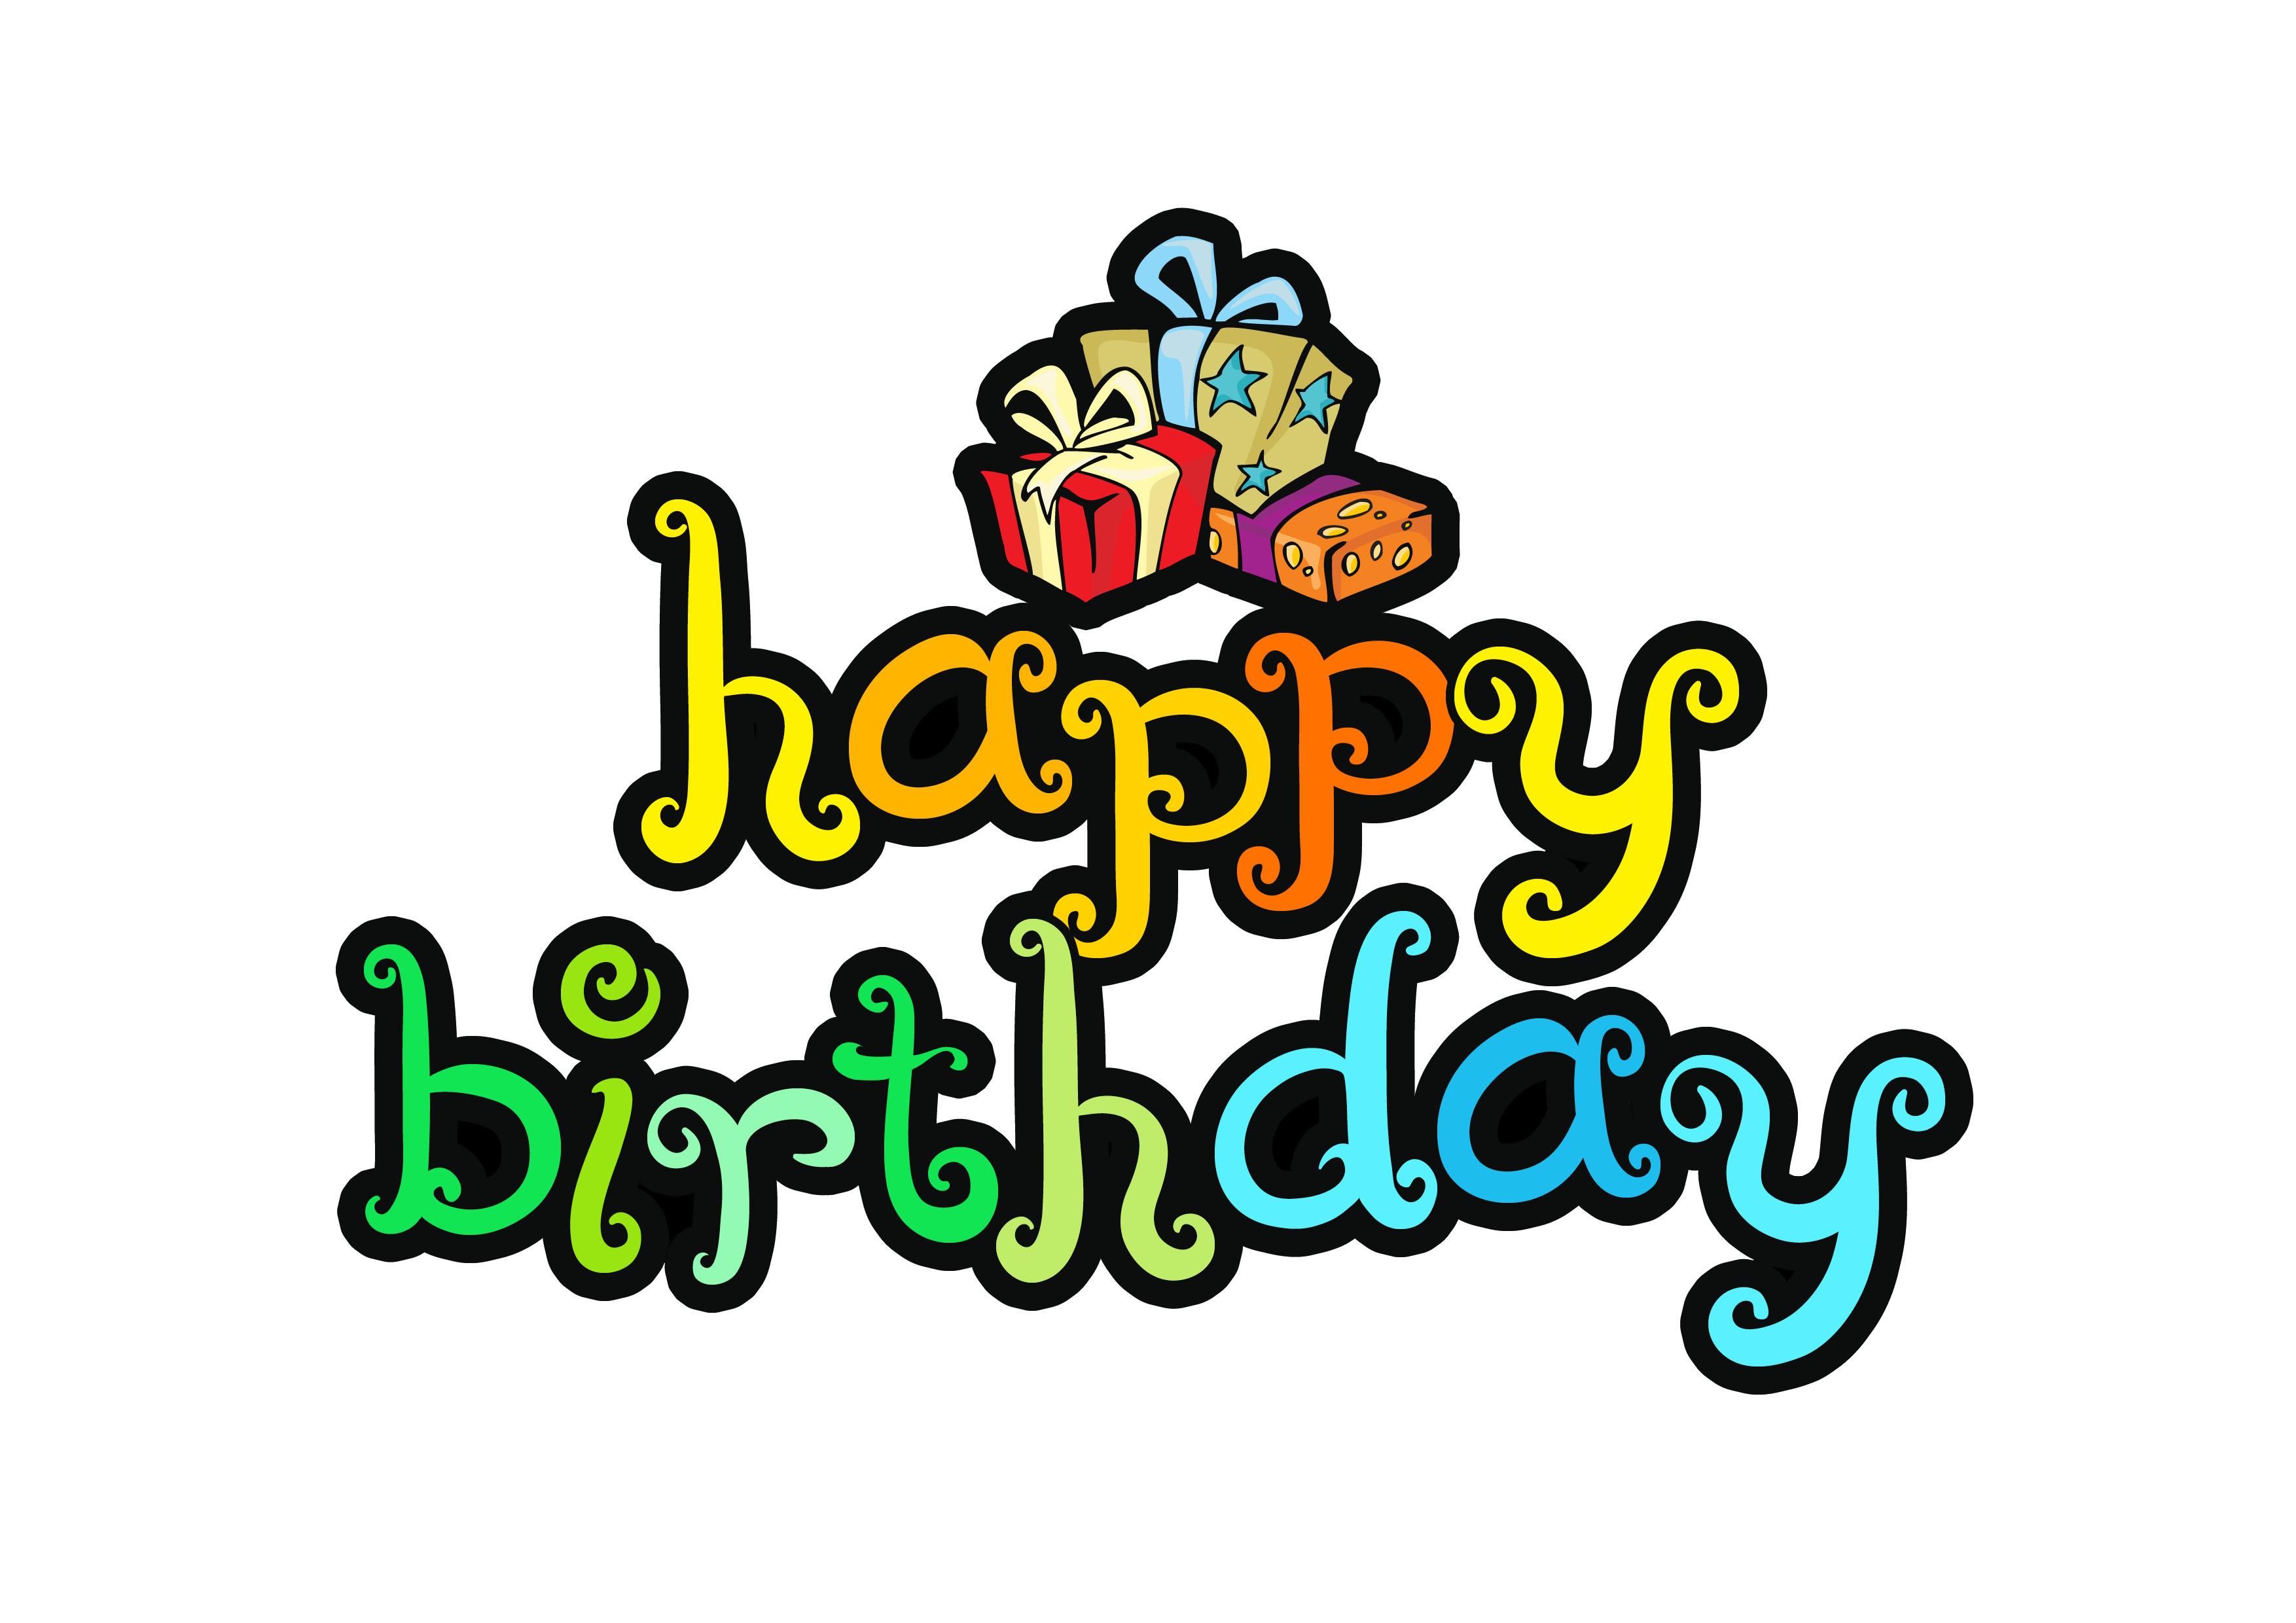 happy birthday(생일,축하)